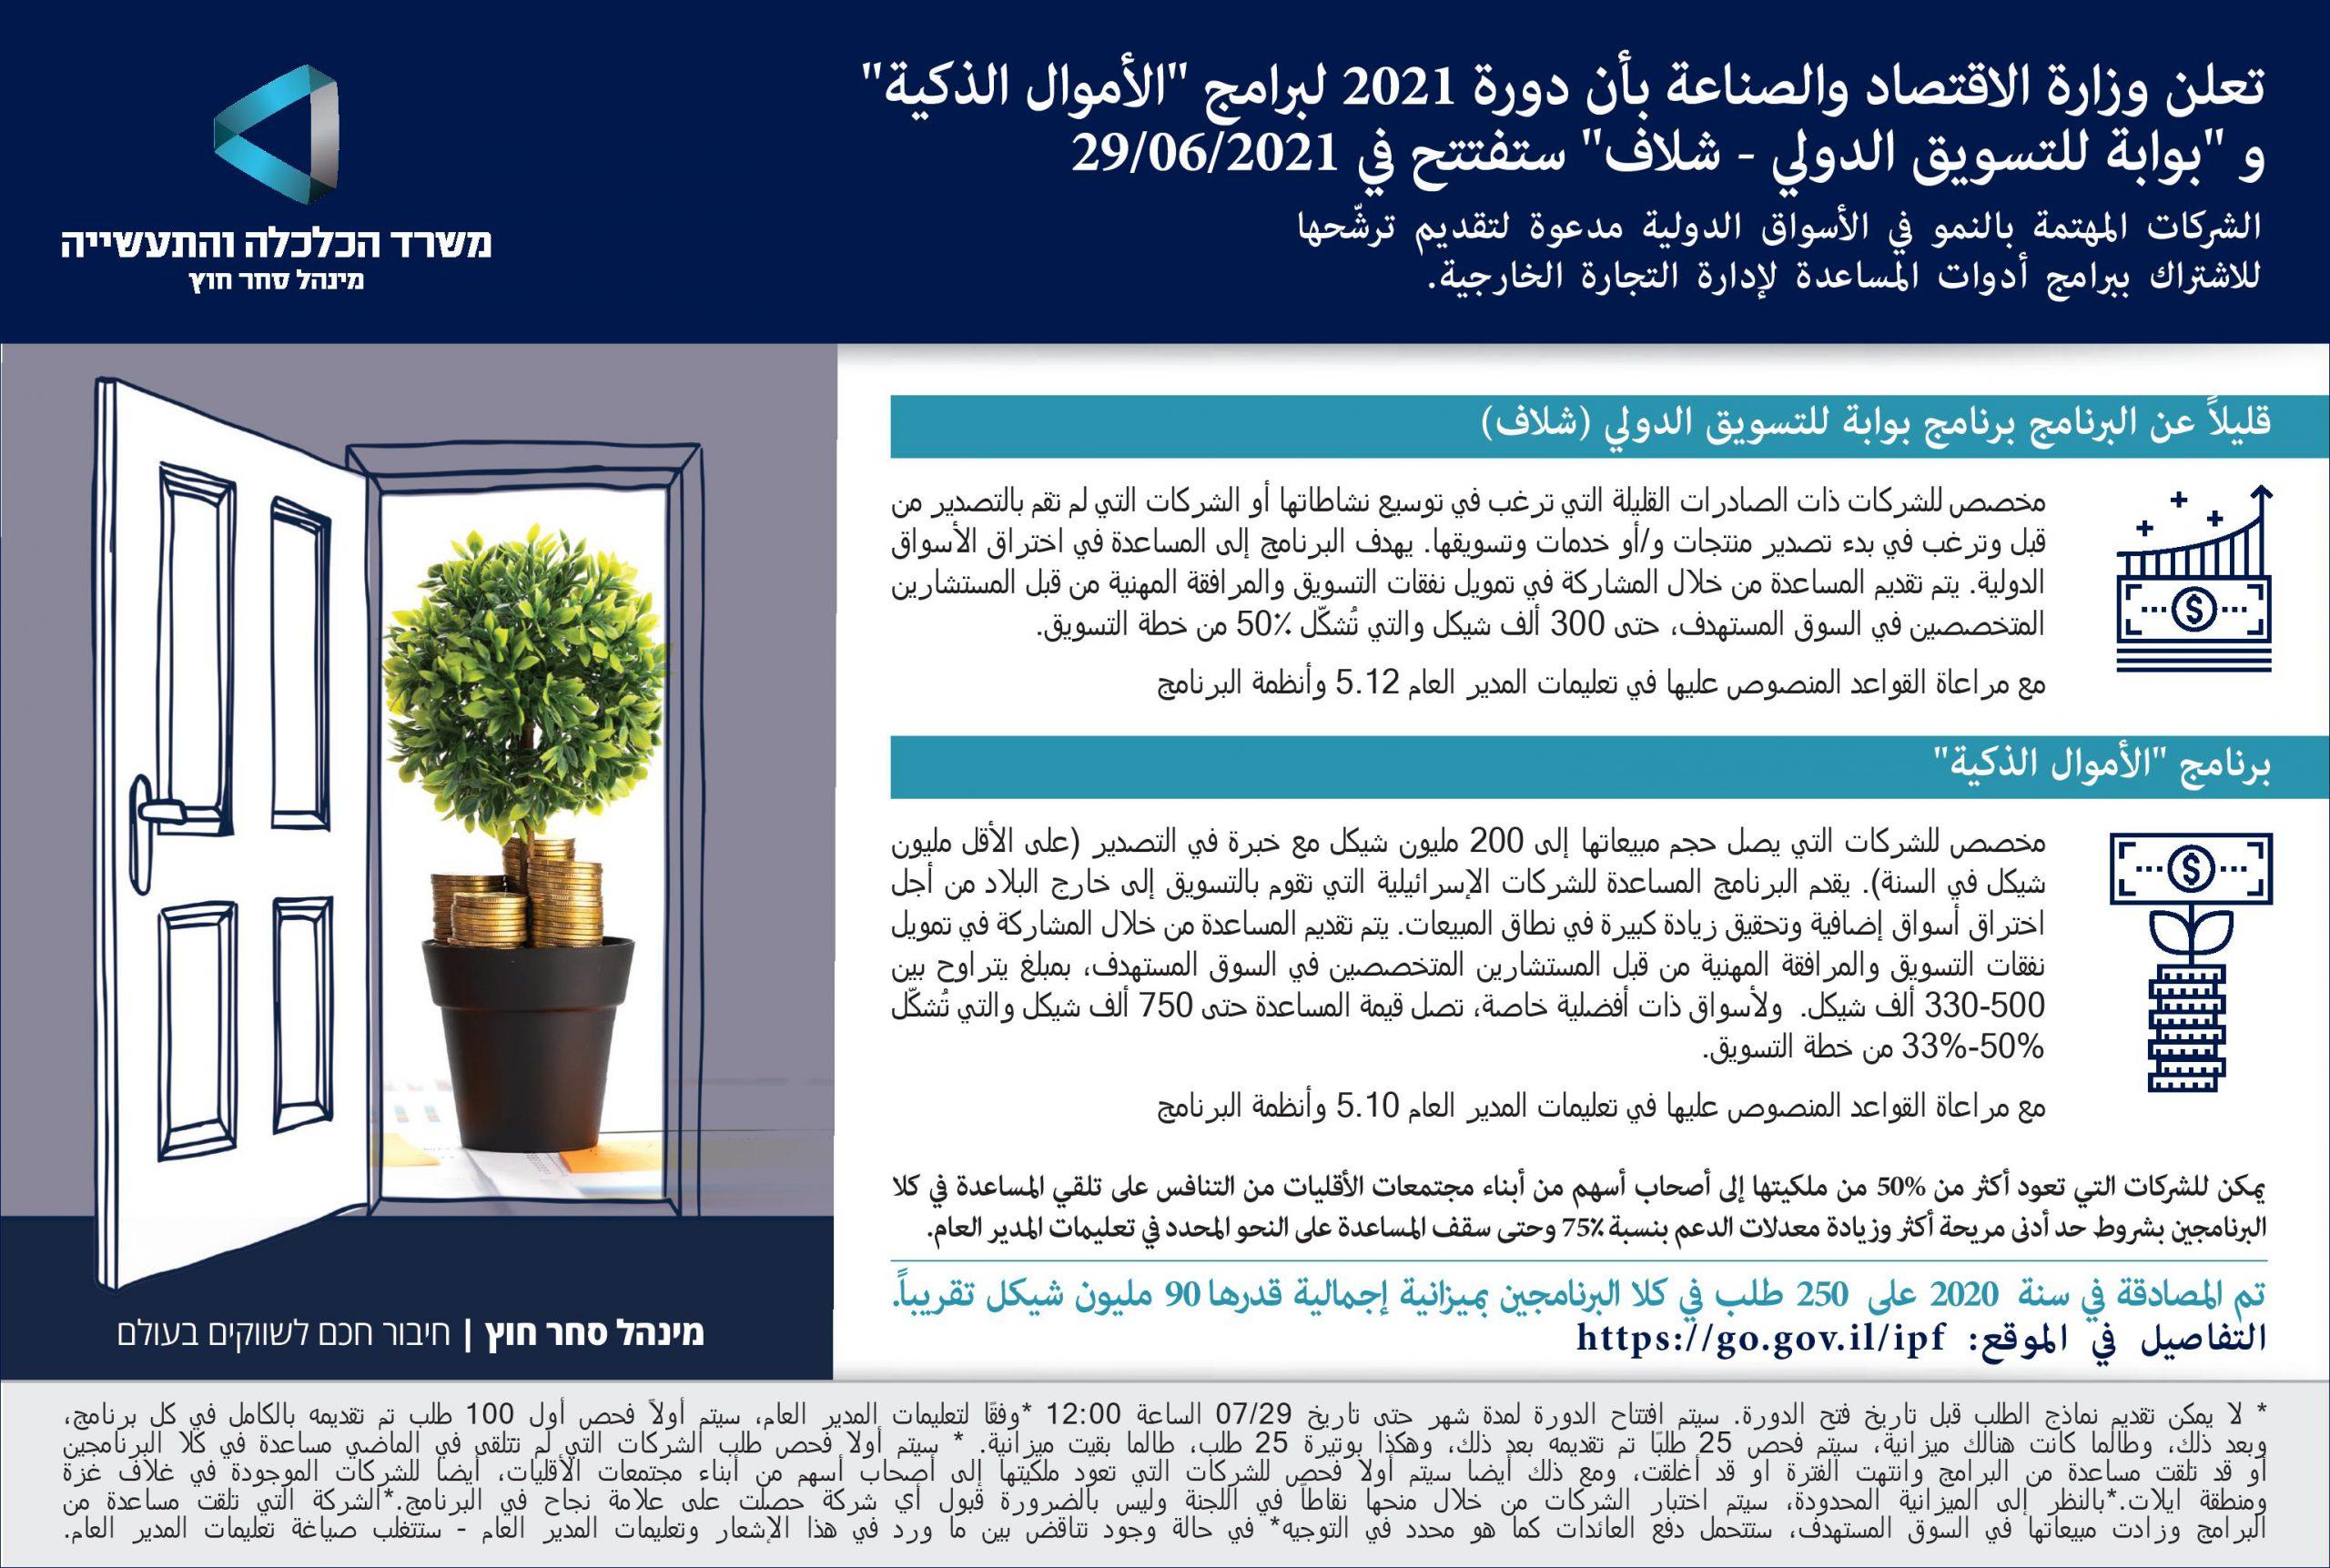 מודעה כלי סיוע בשפה הערבית